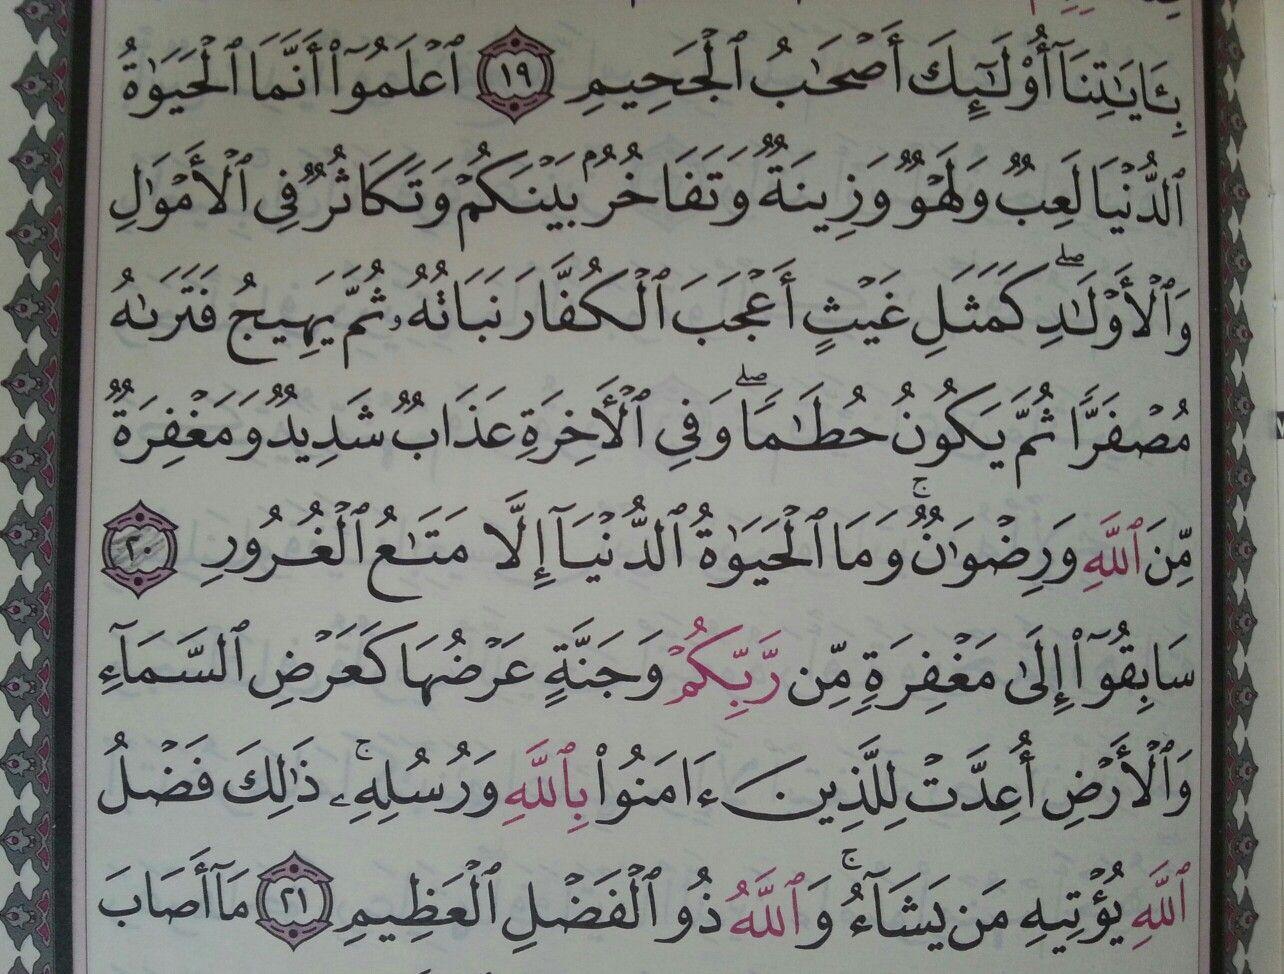 هذه حقيقة الحياة الدنيا آيات من سورة الحديد Dua In Urdu Math Arabic Calligraphy